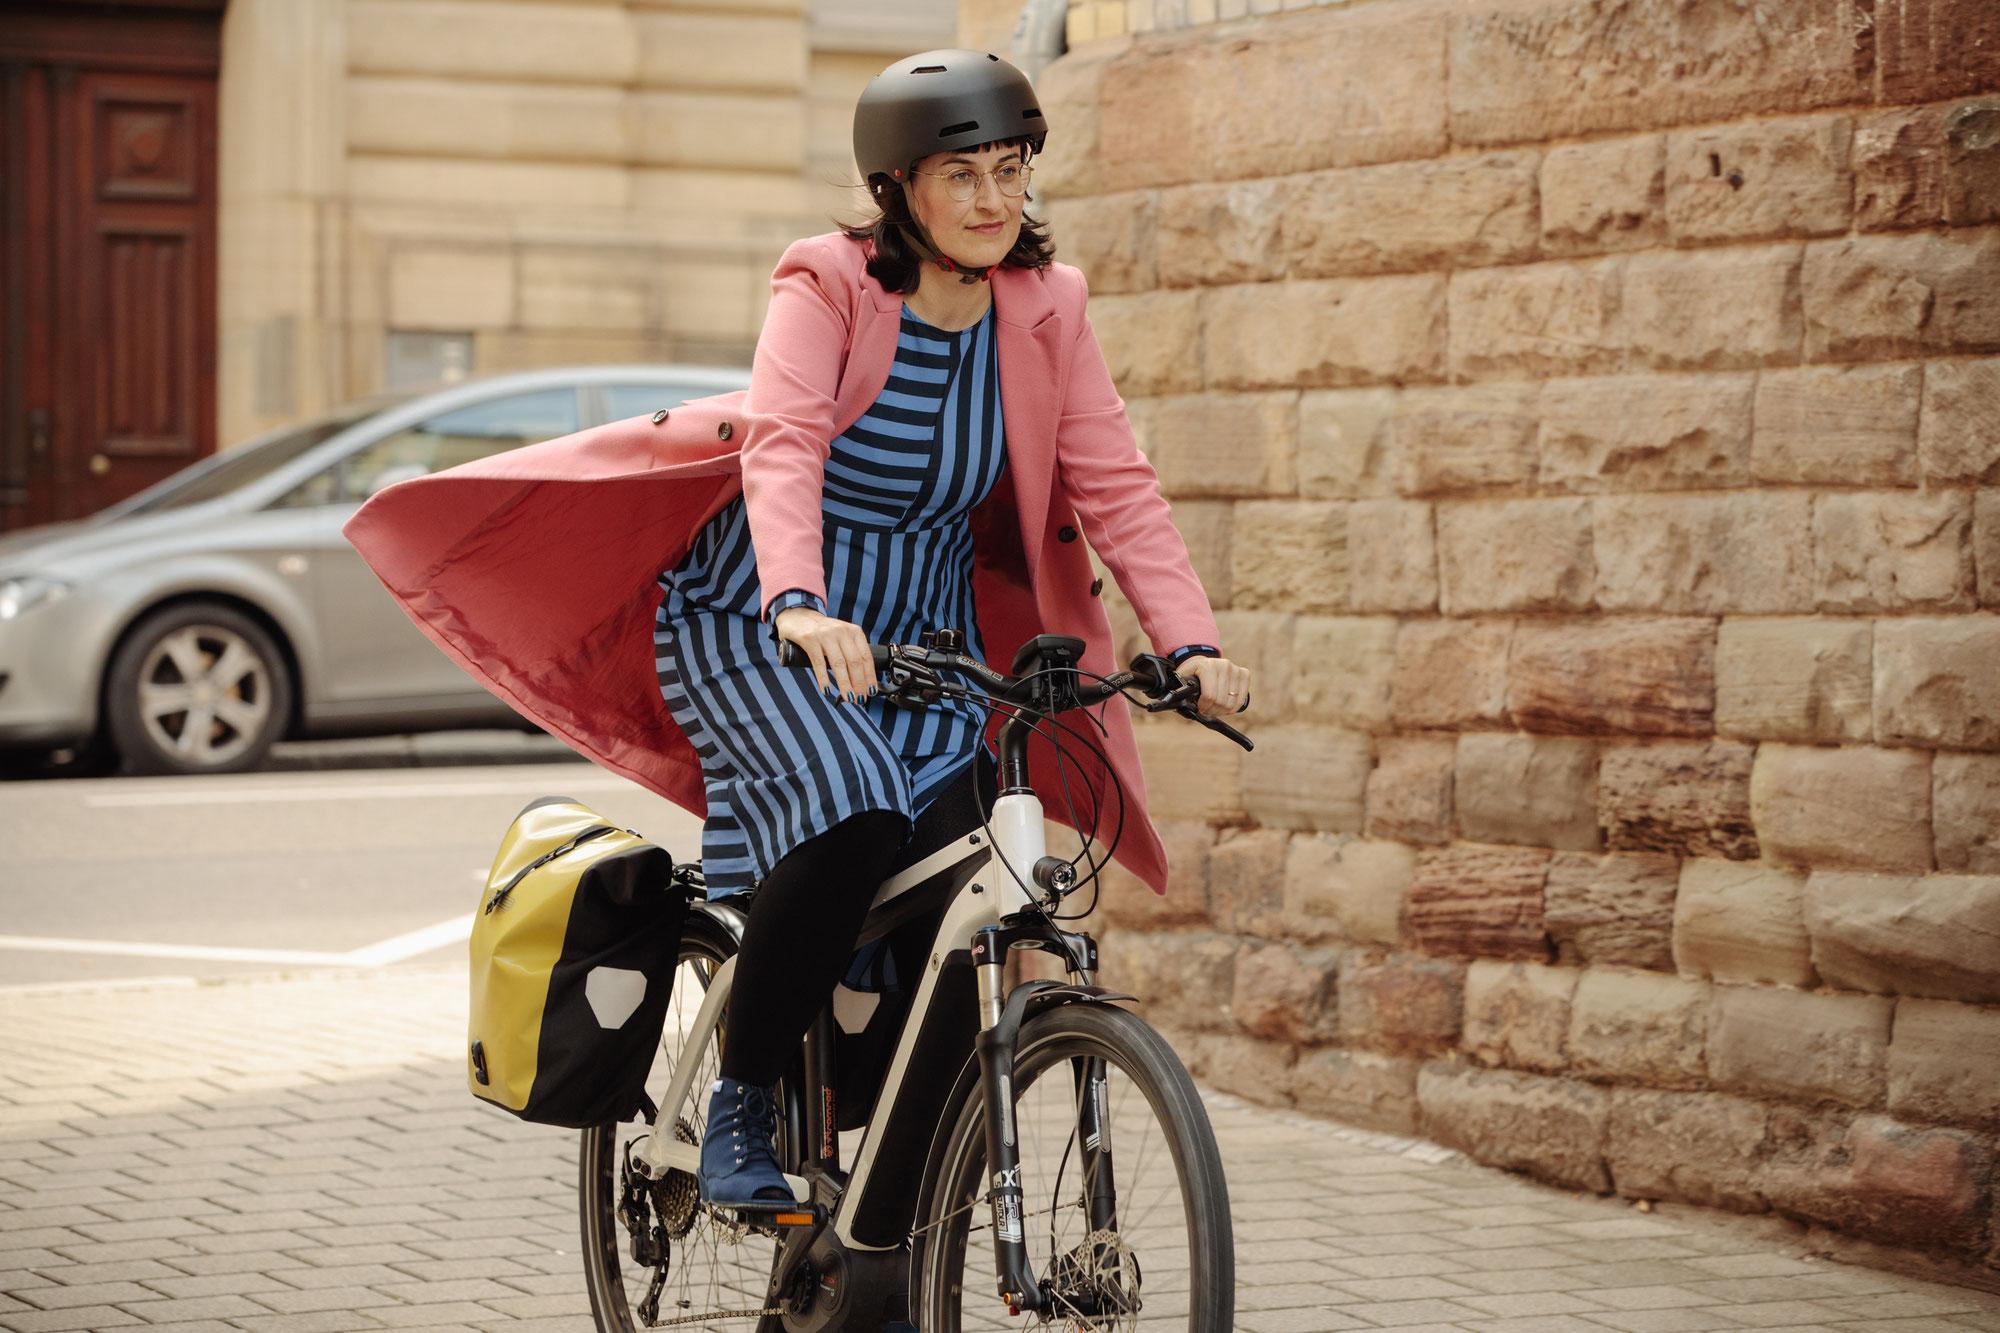 """fahrrad.de mit AutoVision Award 2021 für """"Fahr Rad""""-Kampagne ausgezeichnet"""